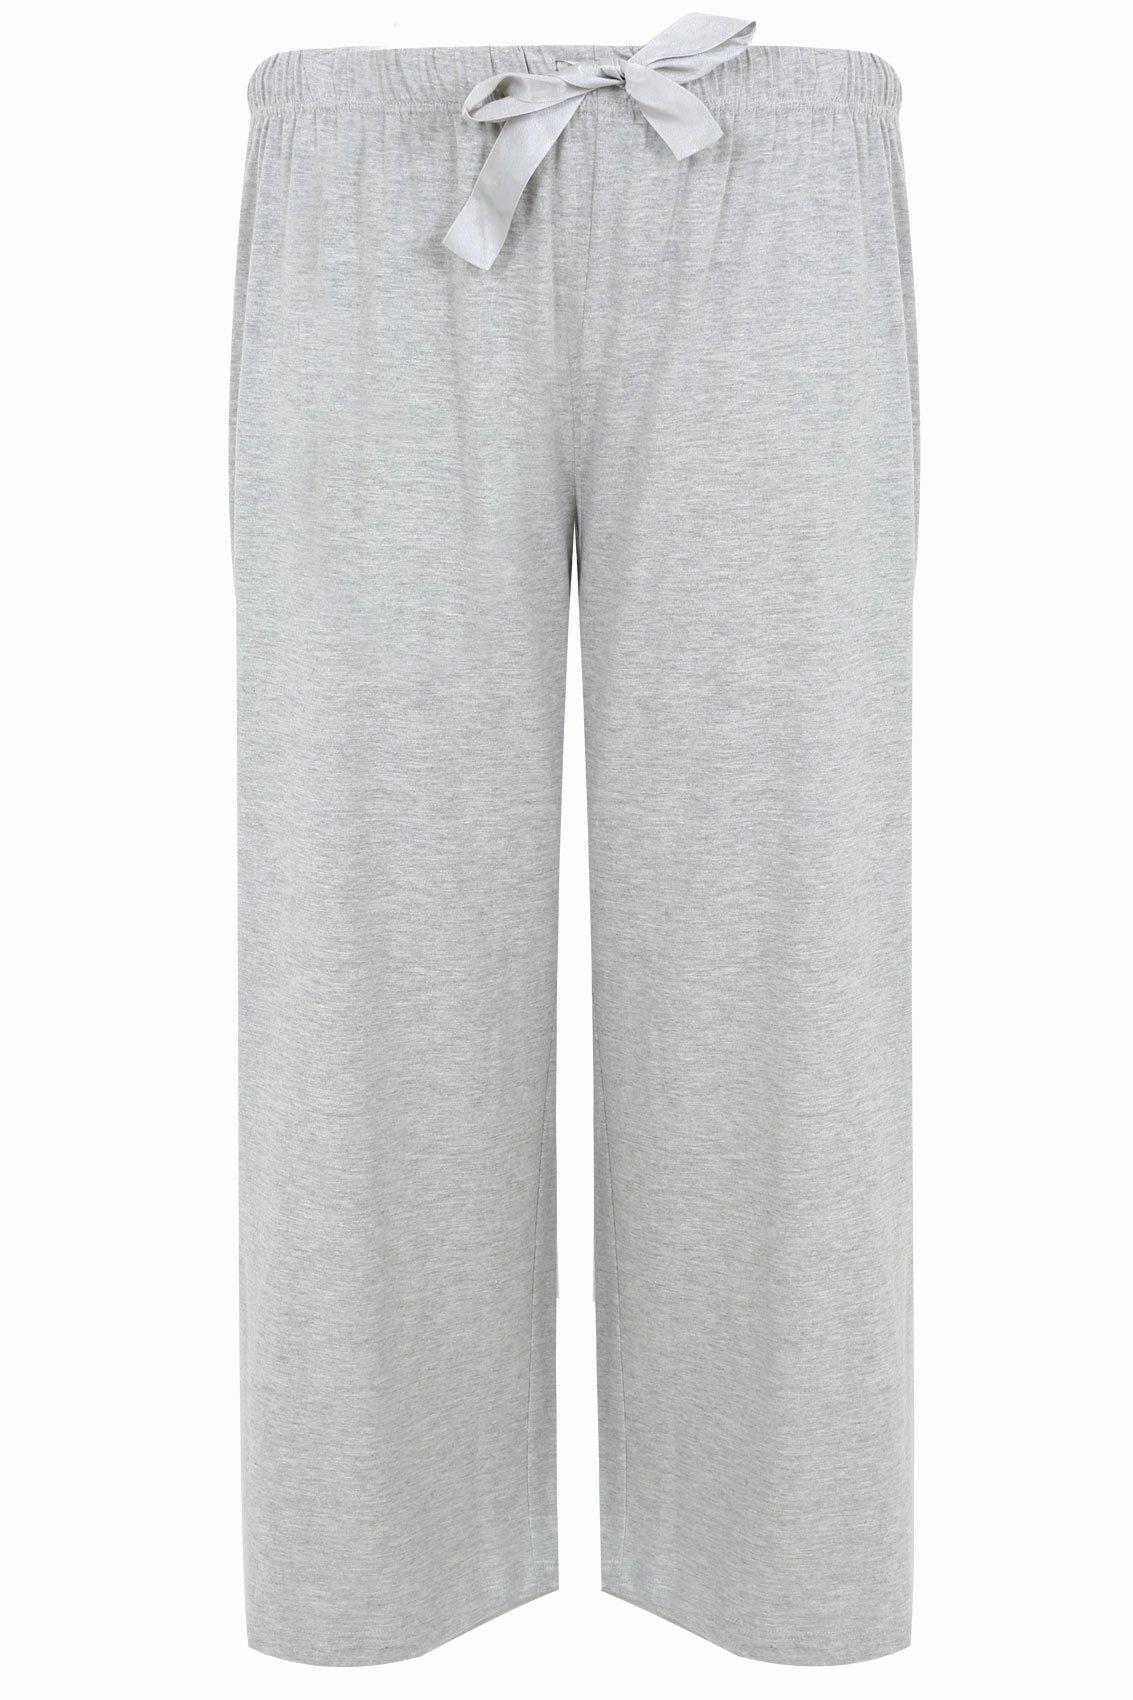 Social Security Awards Letter 2015 Best Of Pantalon De Pyjama Gris En Coton Taille 44 à 60